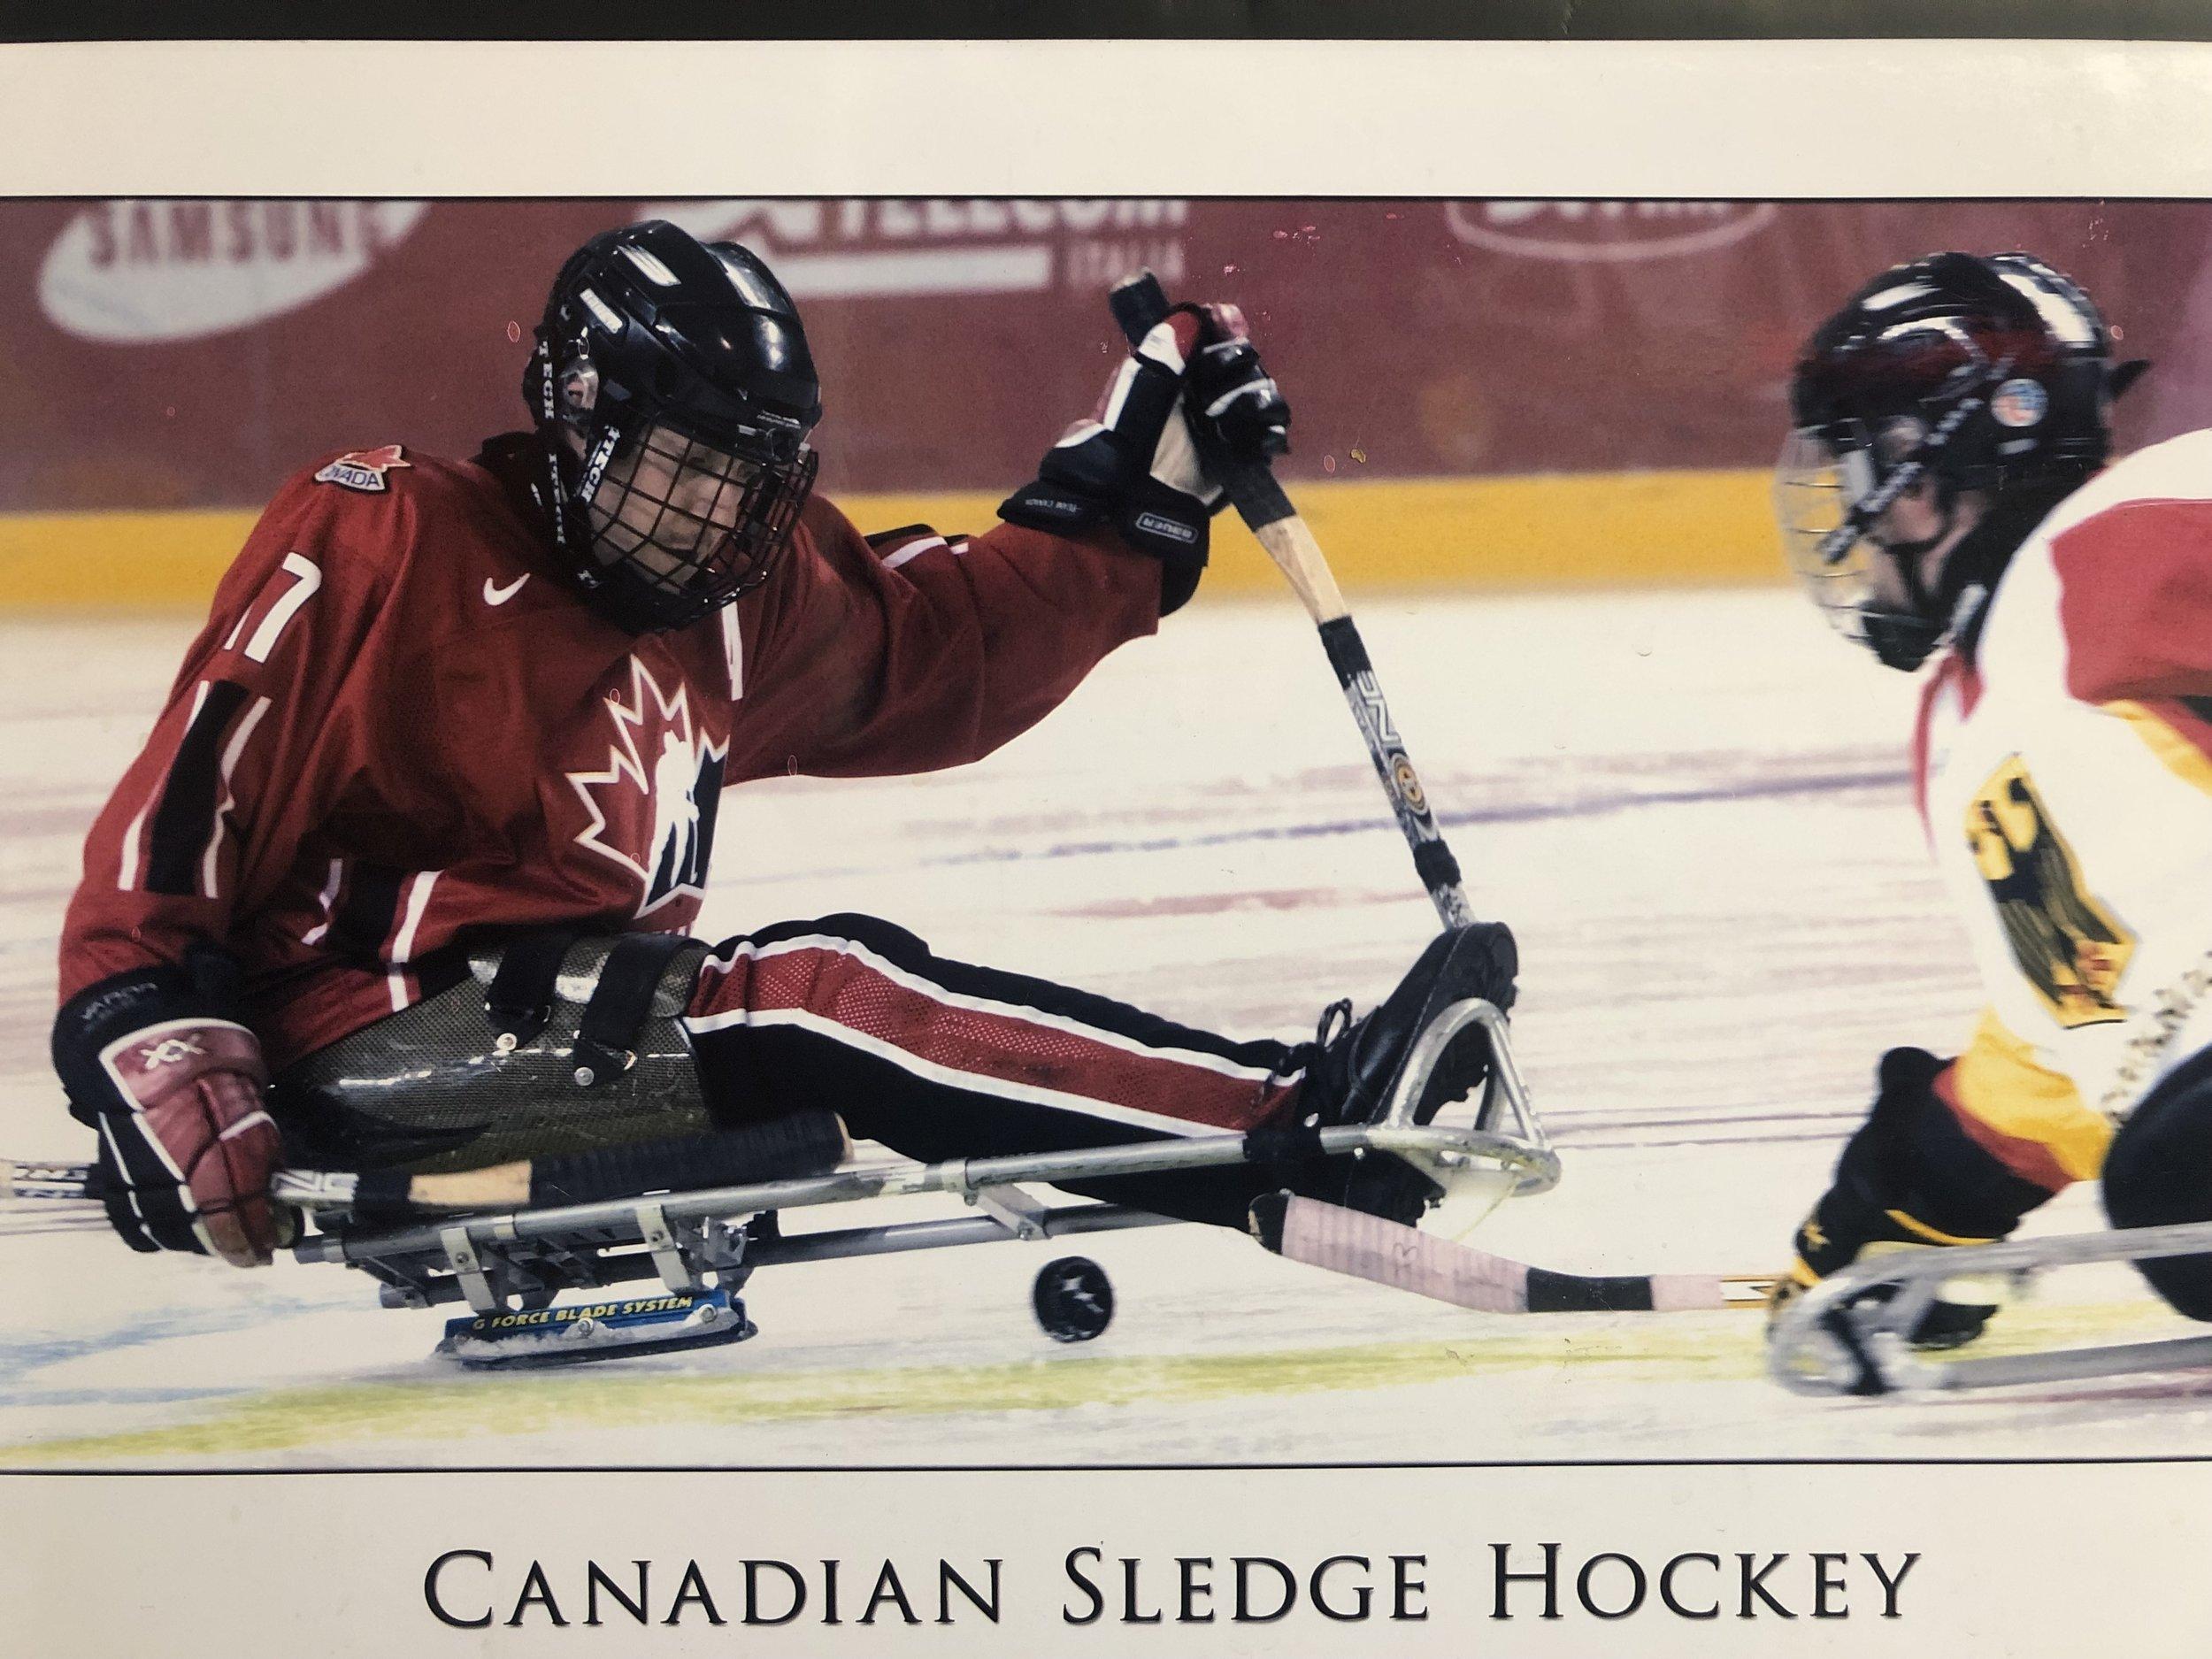 Canadian Hockey Sledge, Torino 2006 Paralympics